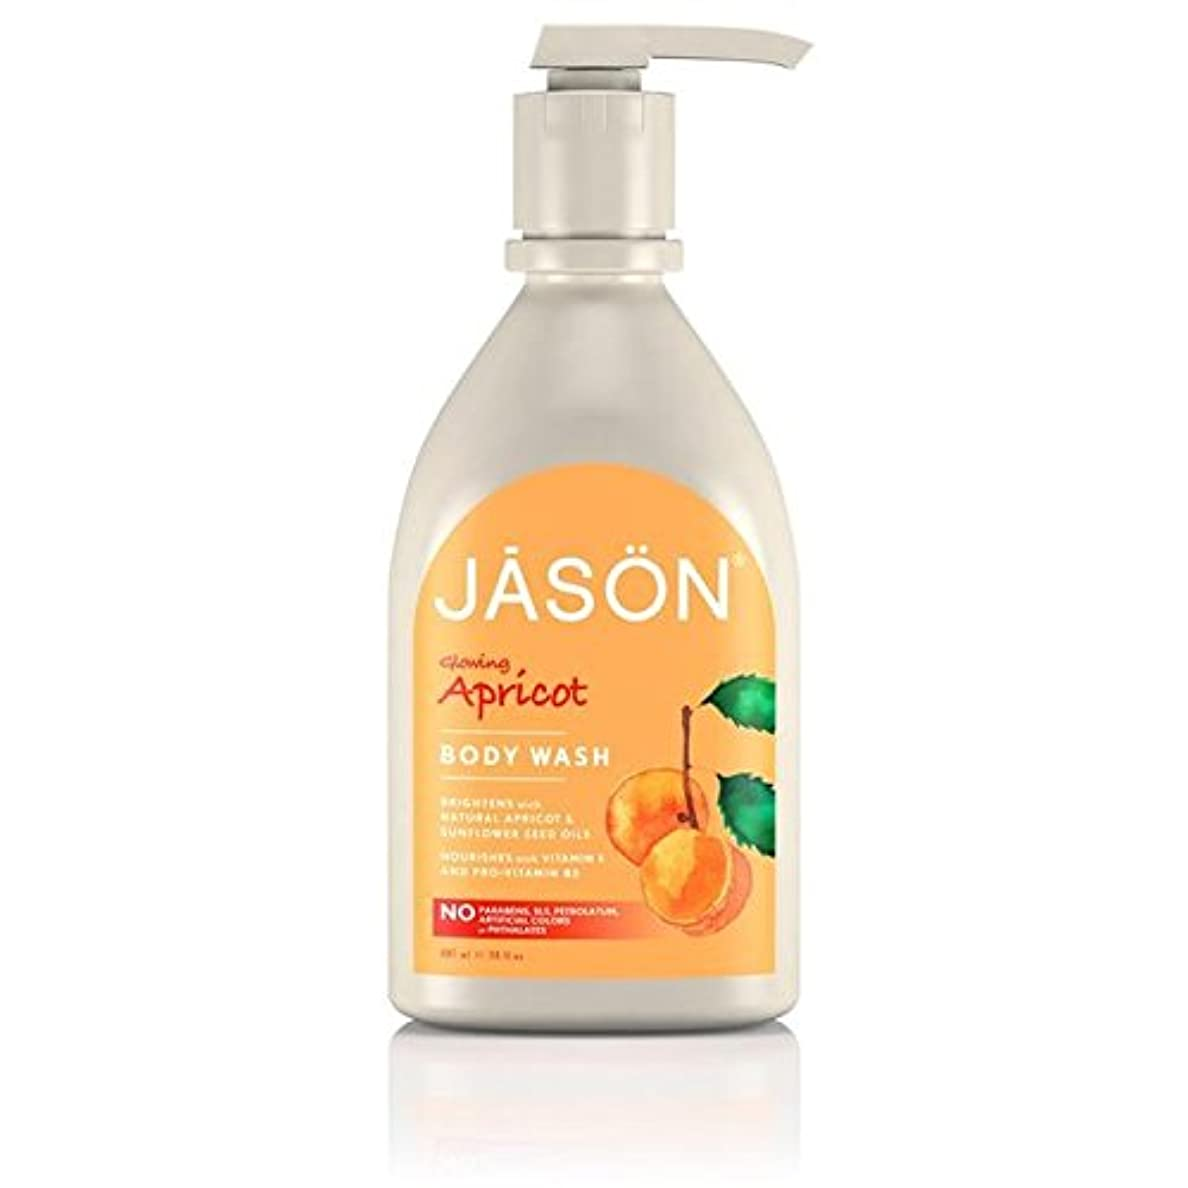 ロッカー症状マンハッタンJason Apricot Satin Body Wash Pump 900ml (Pack of 6) - ジェイソン?アプリコットサテンボディウォッシュポンプ900ミリリットル x6 [並行輸入品]